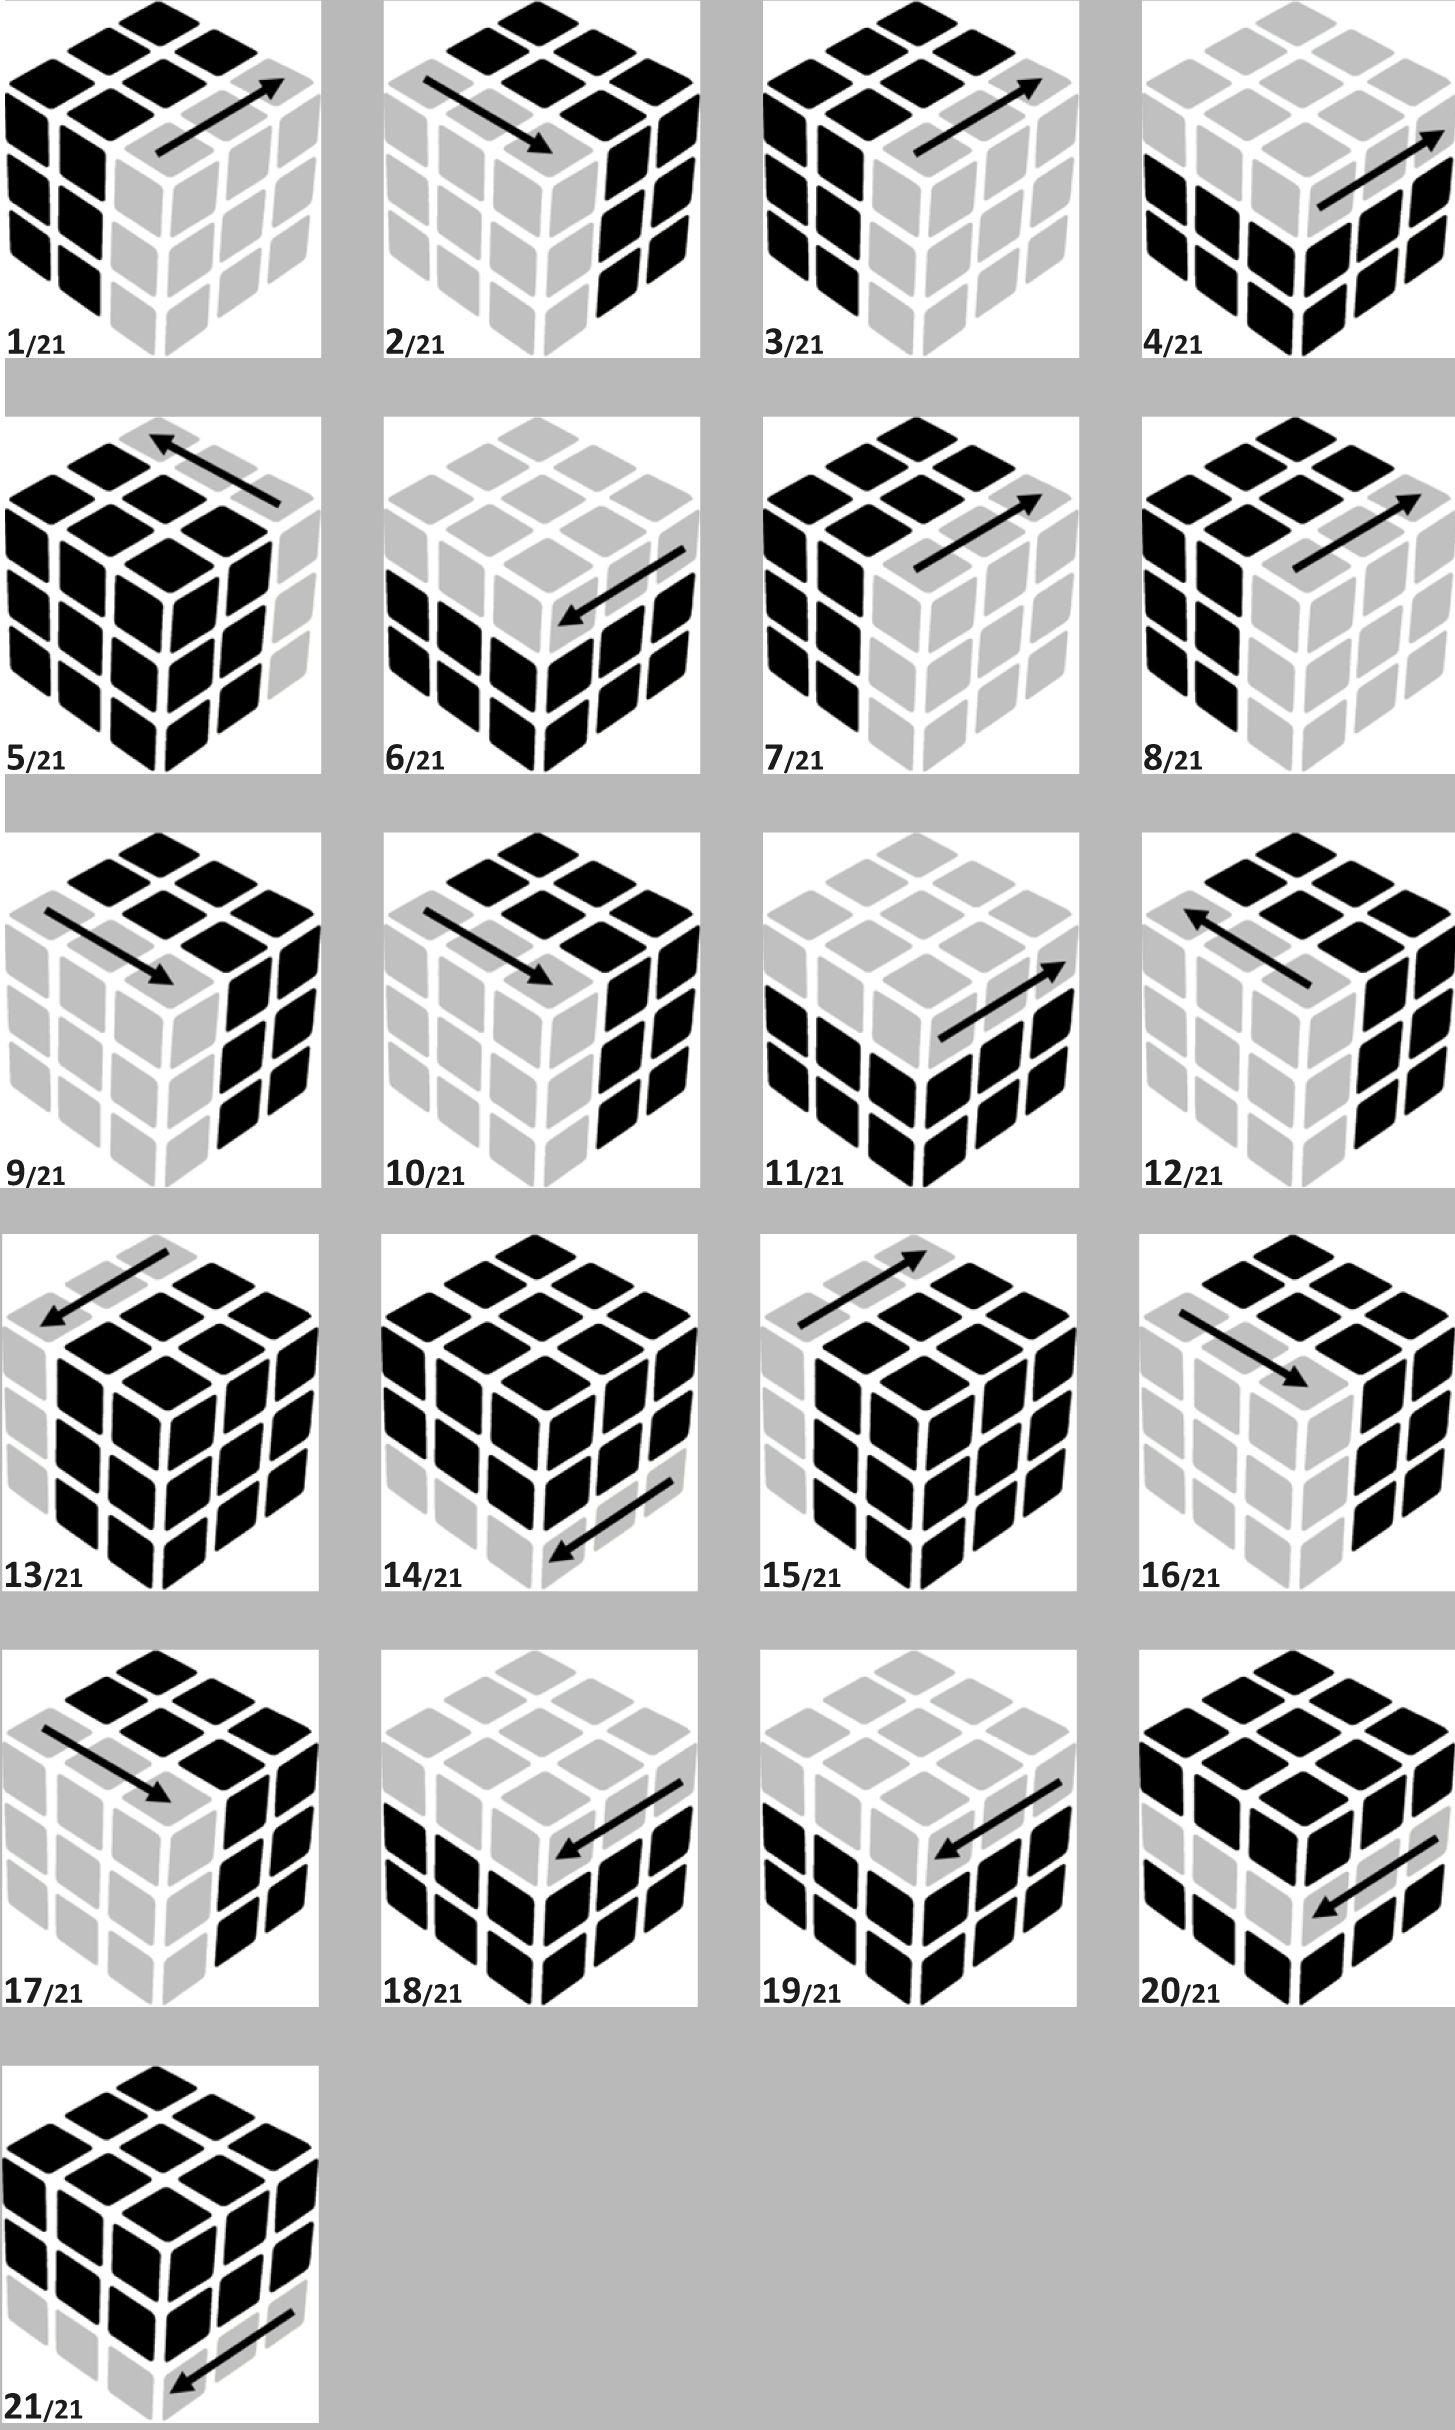 Schnell rubiks lösen cube Top 10